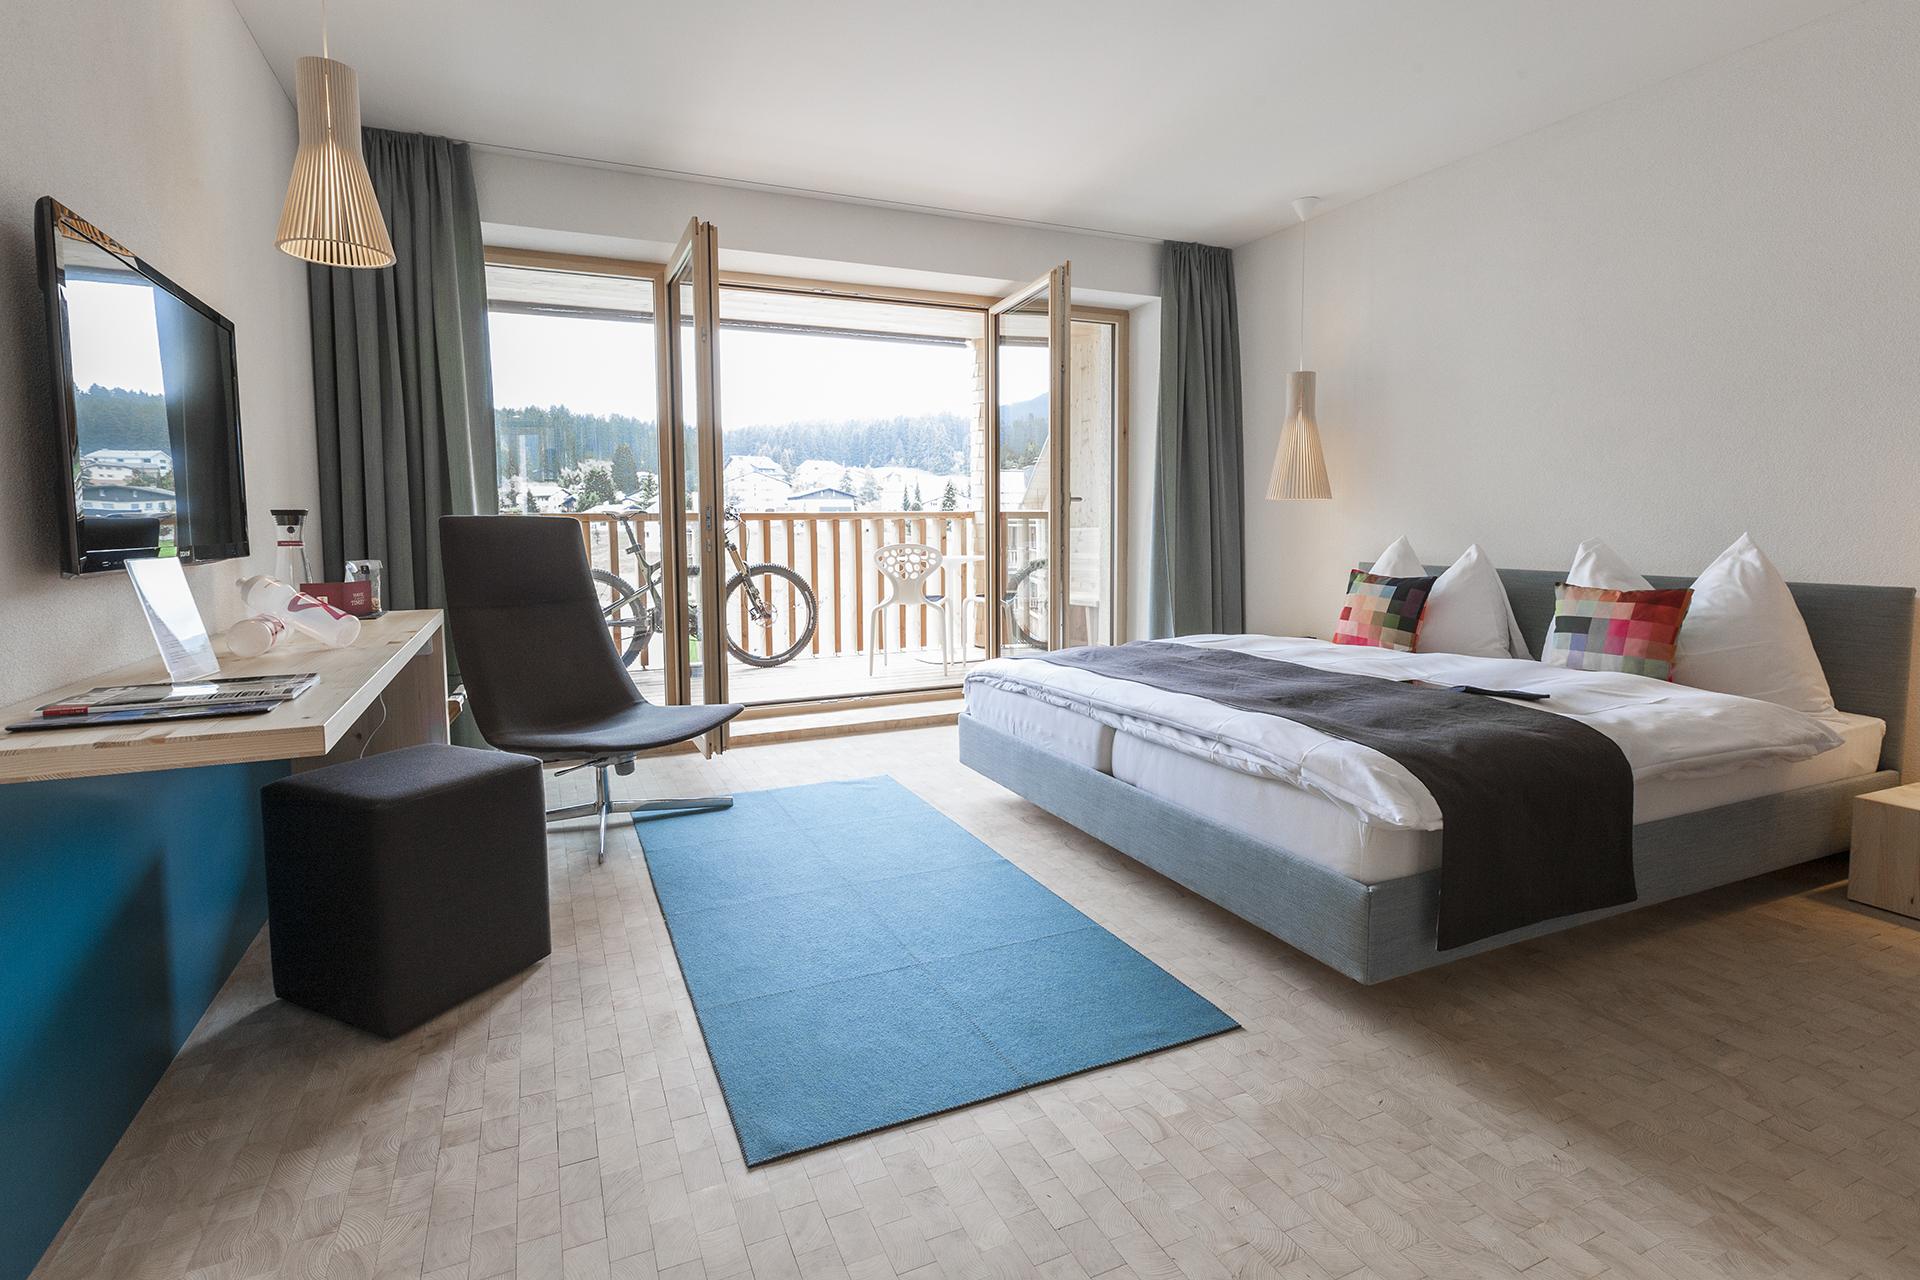 Zimmer bestzeit lifestyle sport hotel for Zimmer hotel